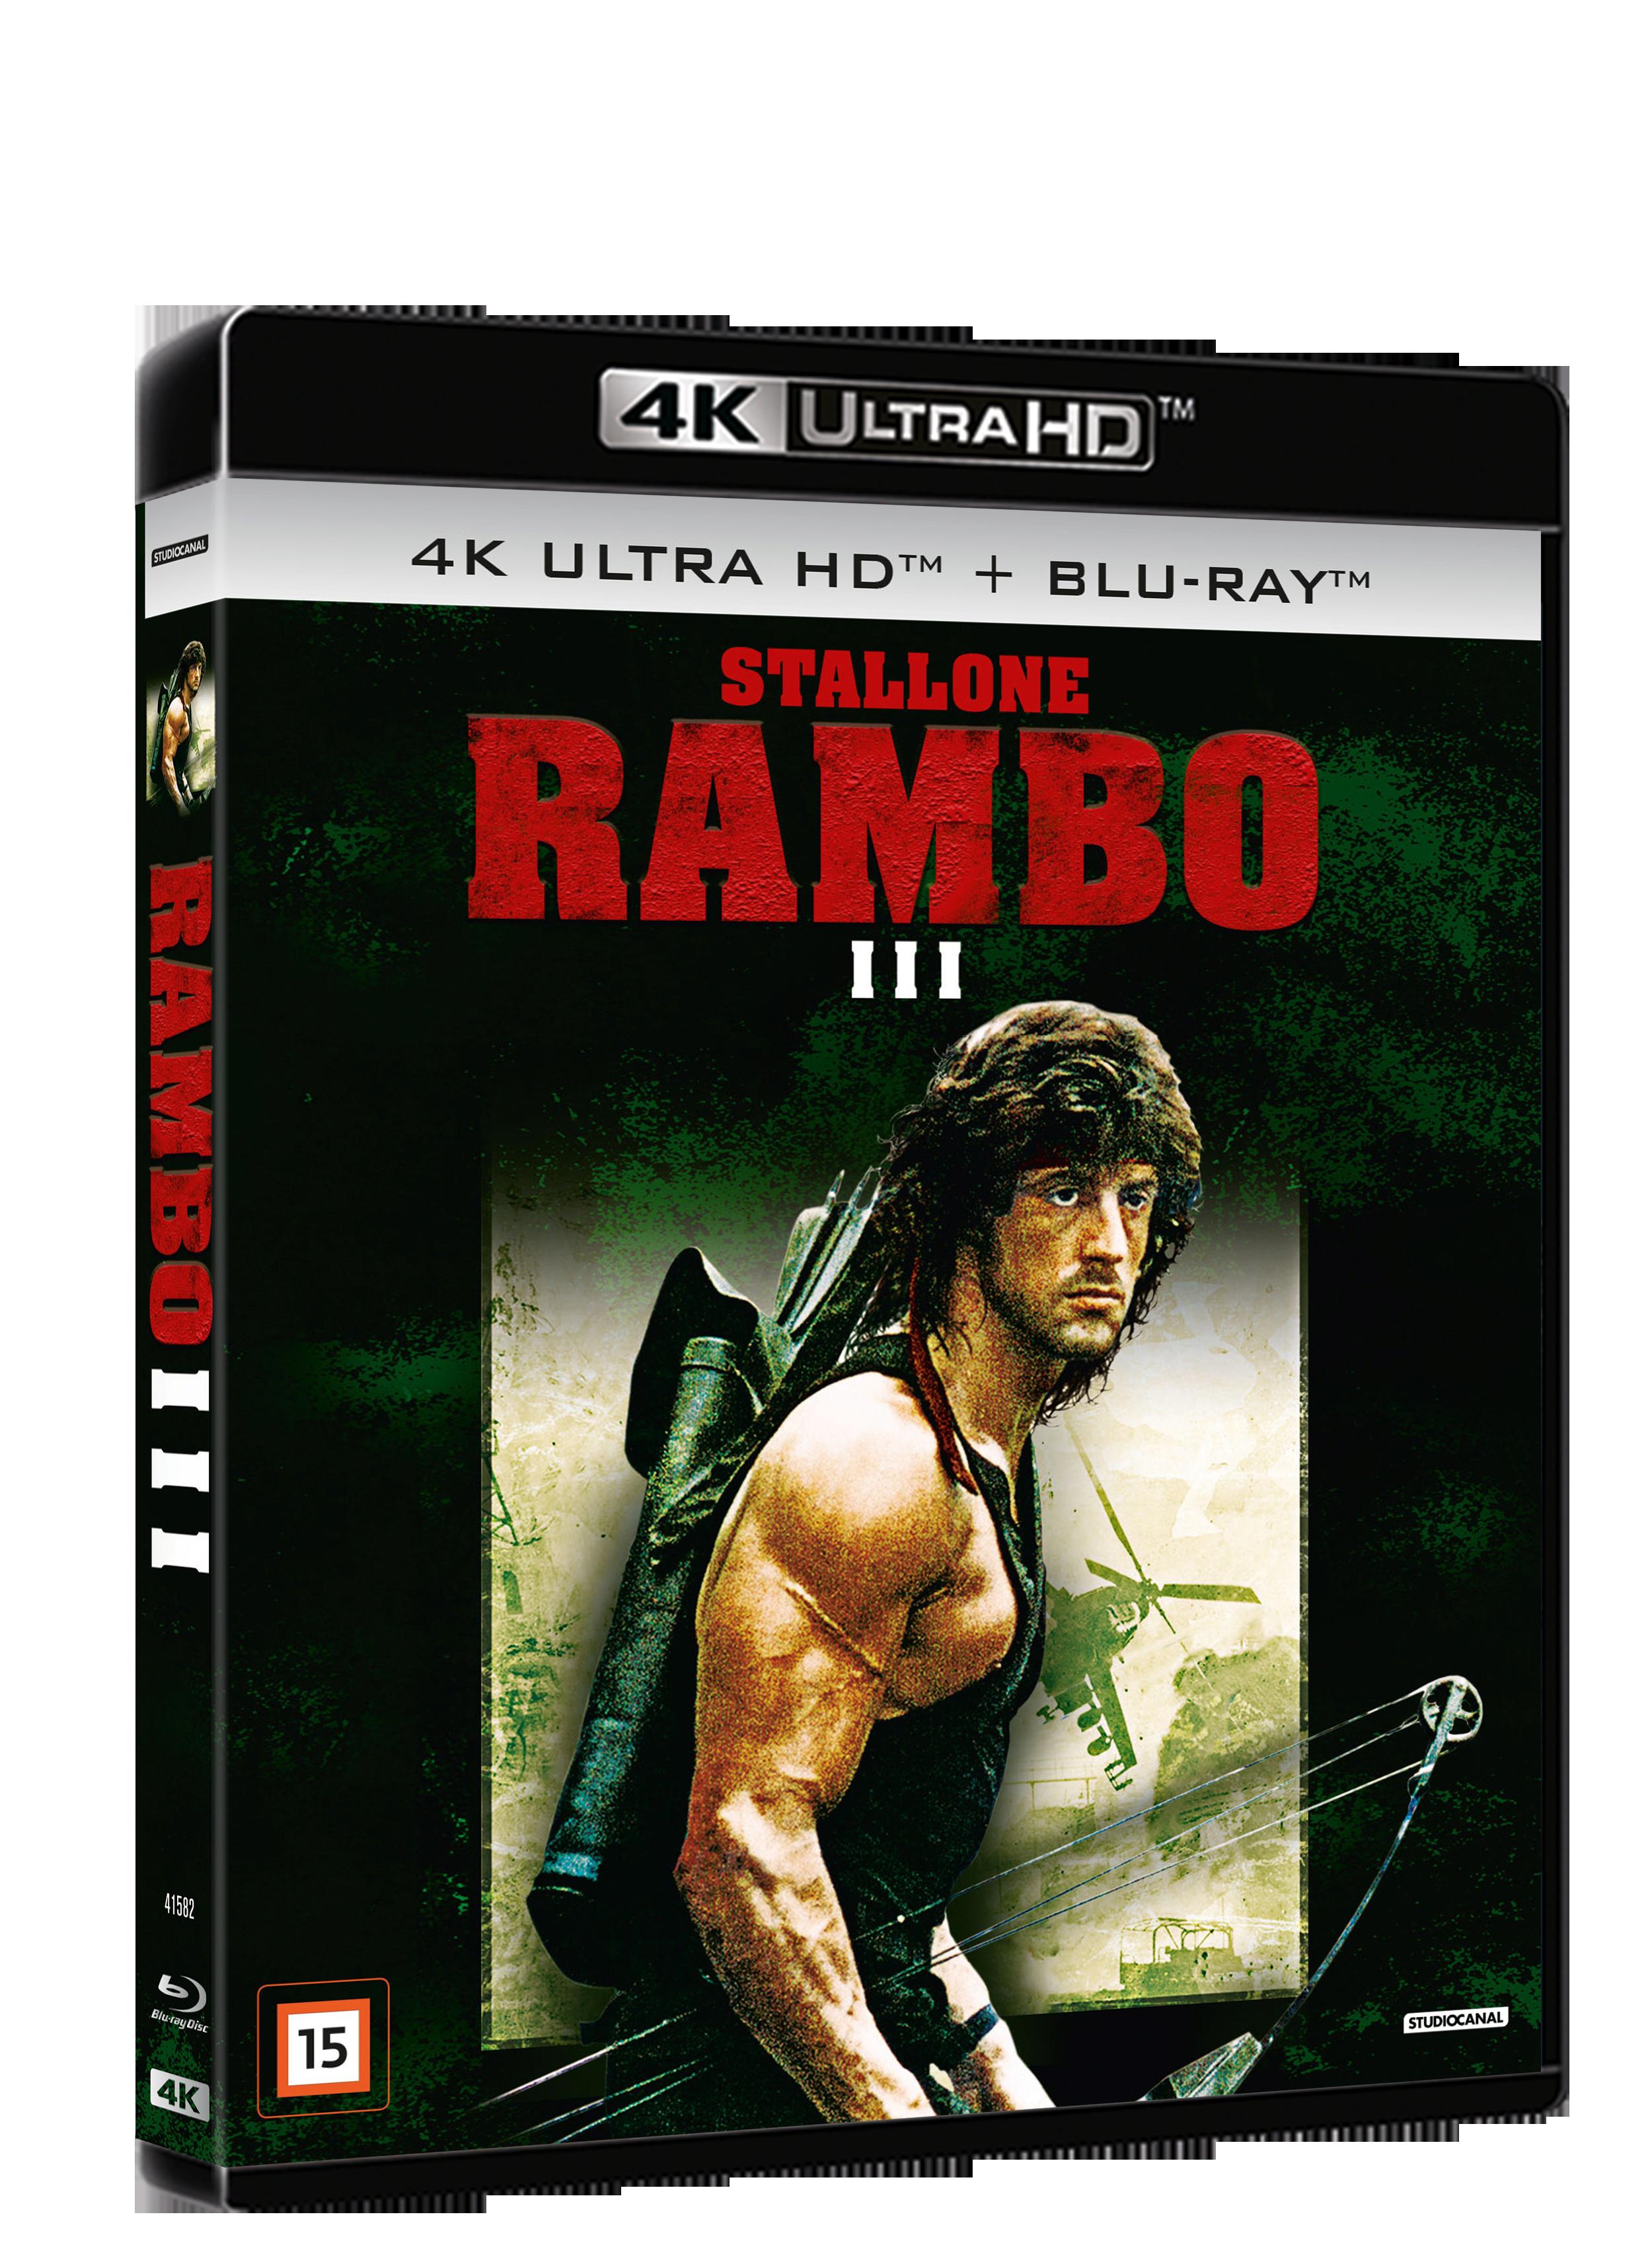 Buy Rambo 3 4k Incl Shipping